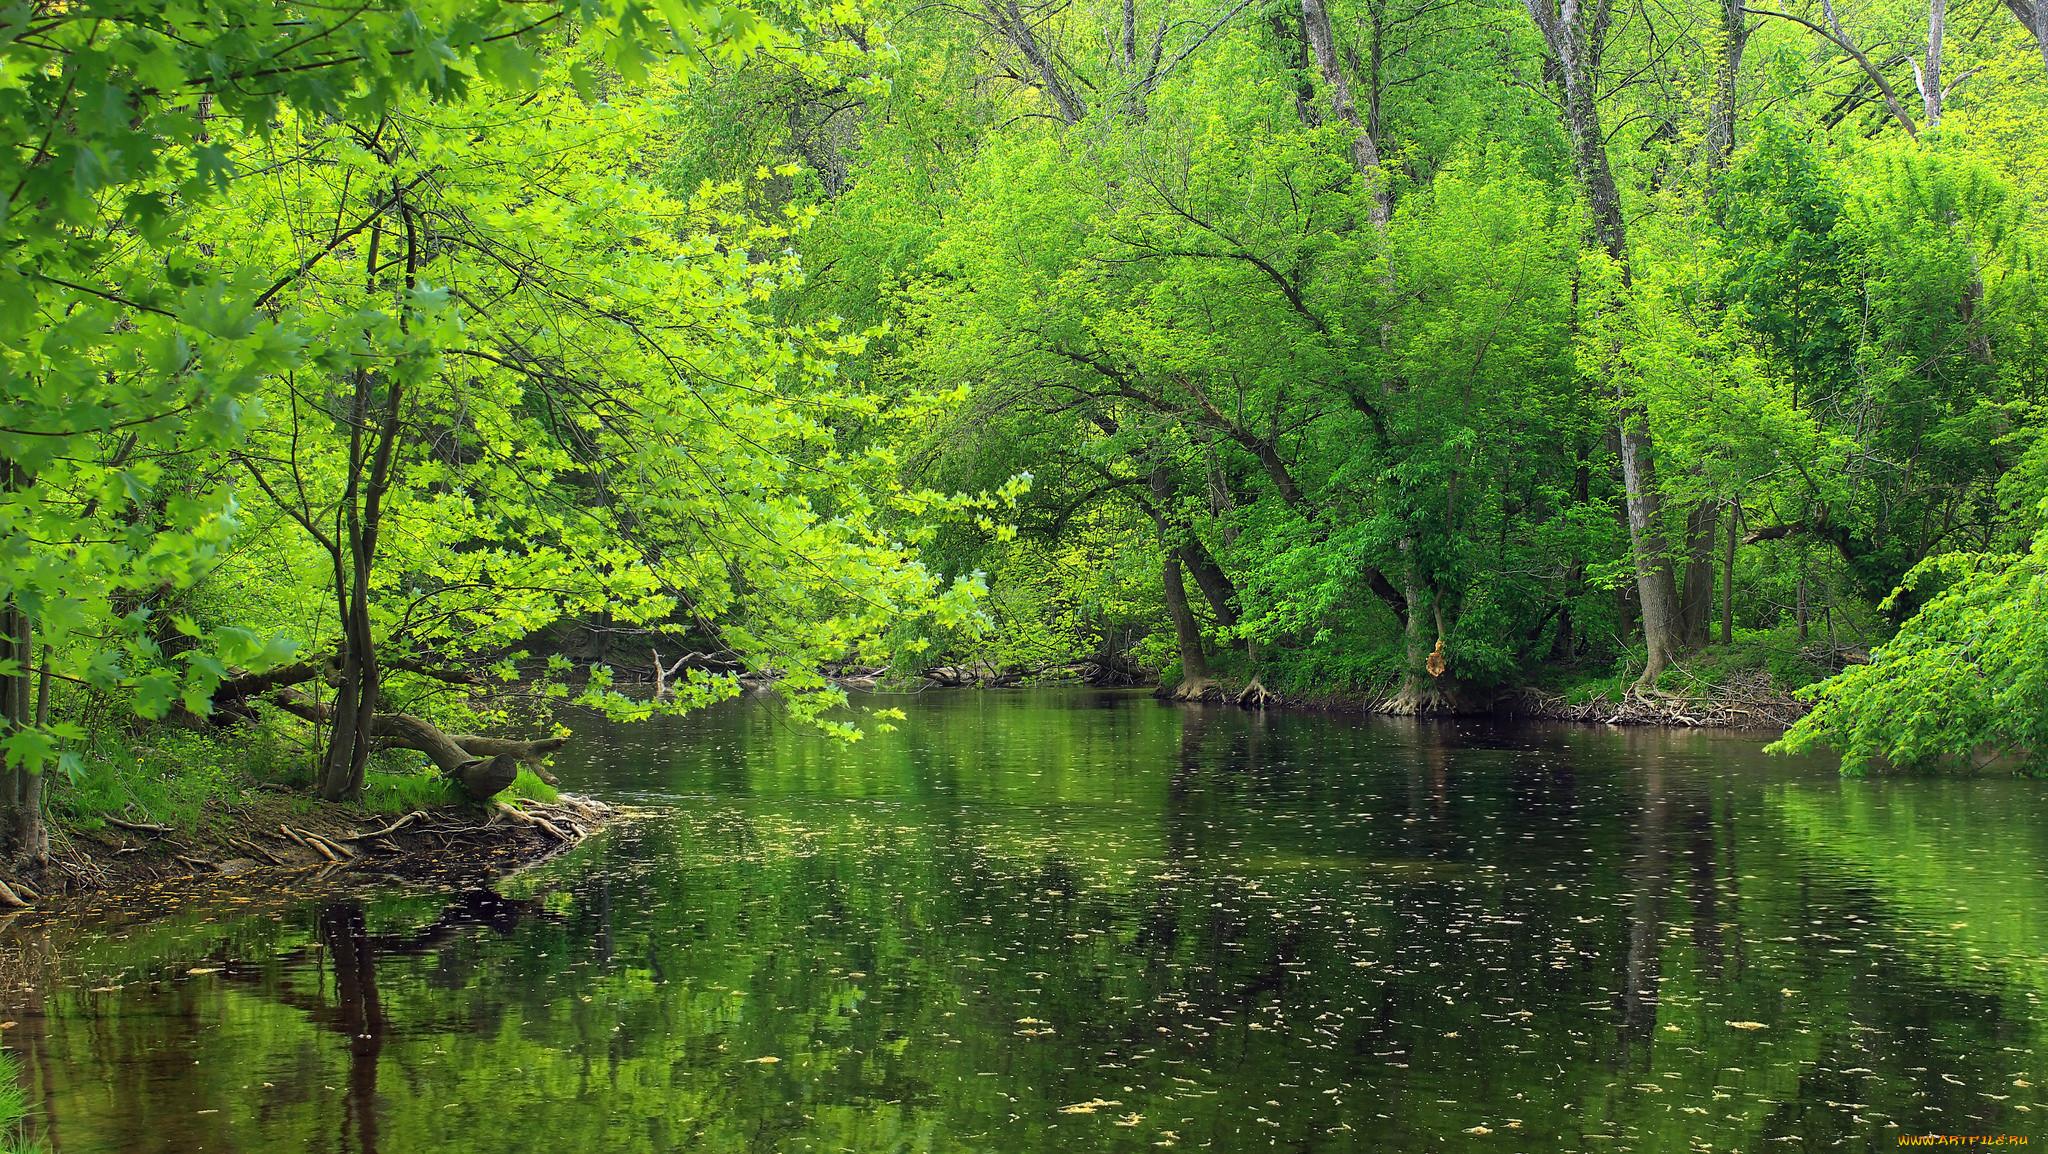 зиму картинки на рабочий стол речка и лес милая, днем рожденья